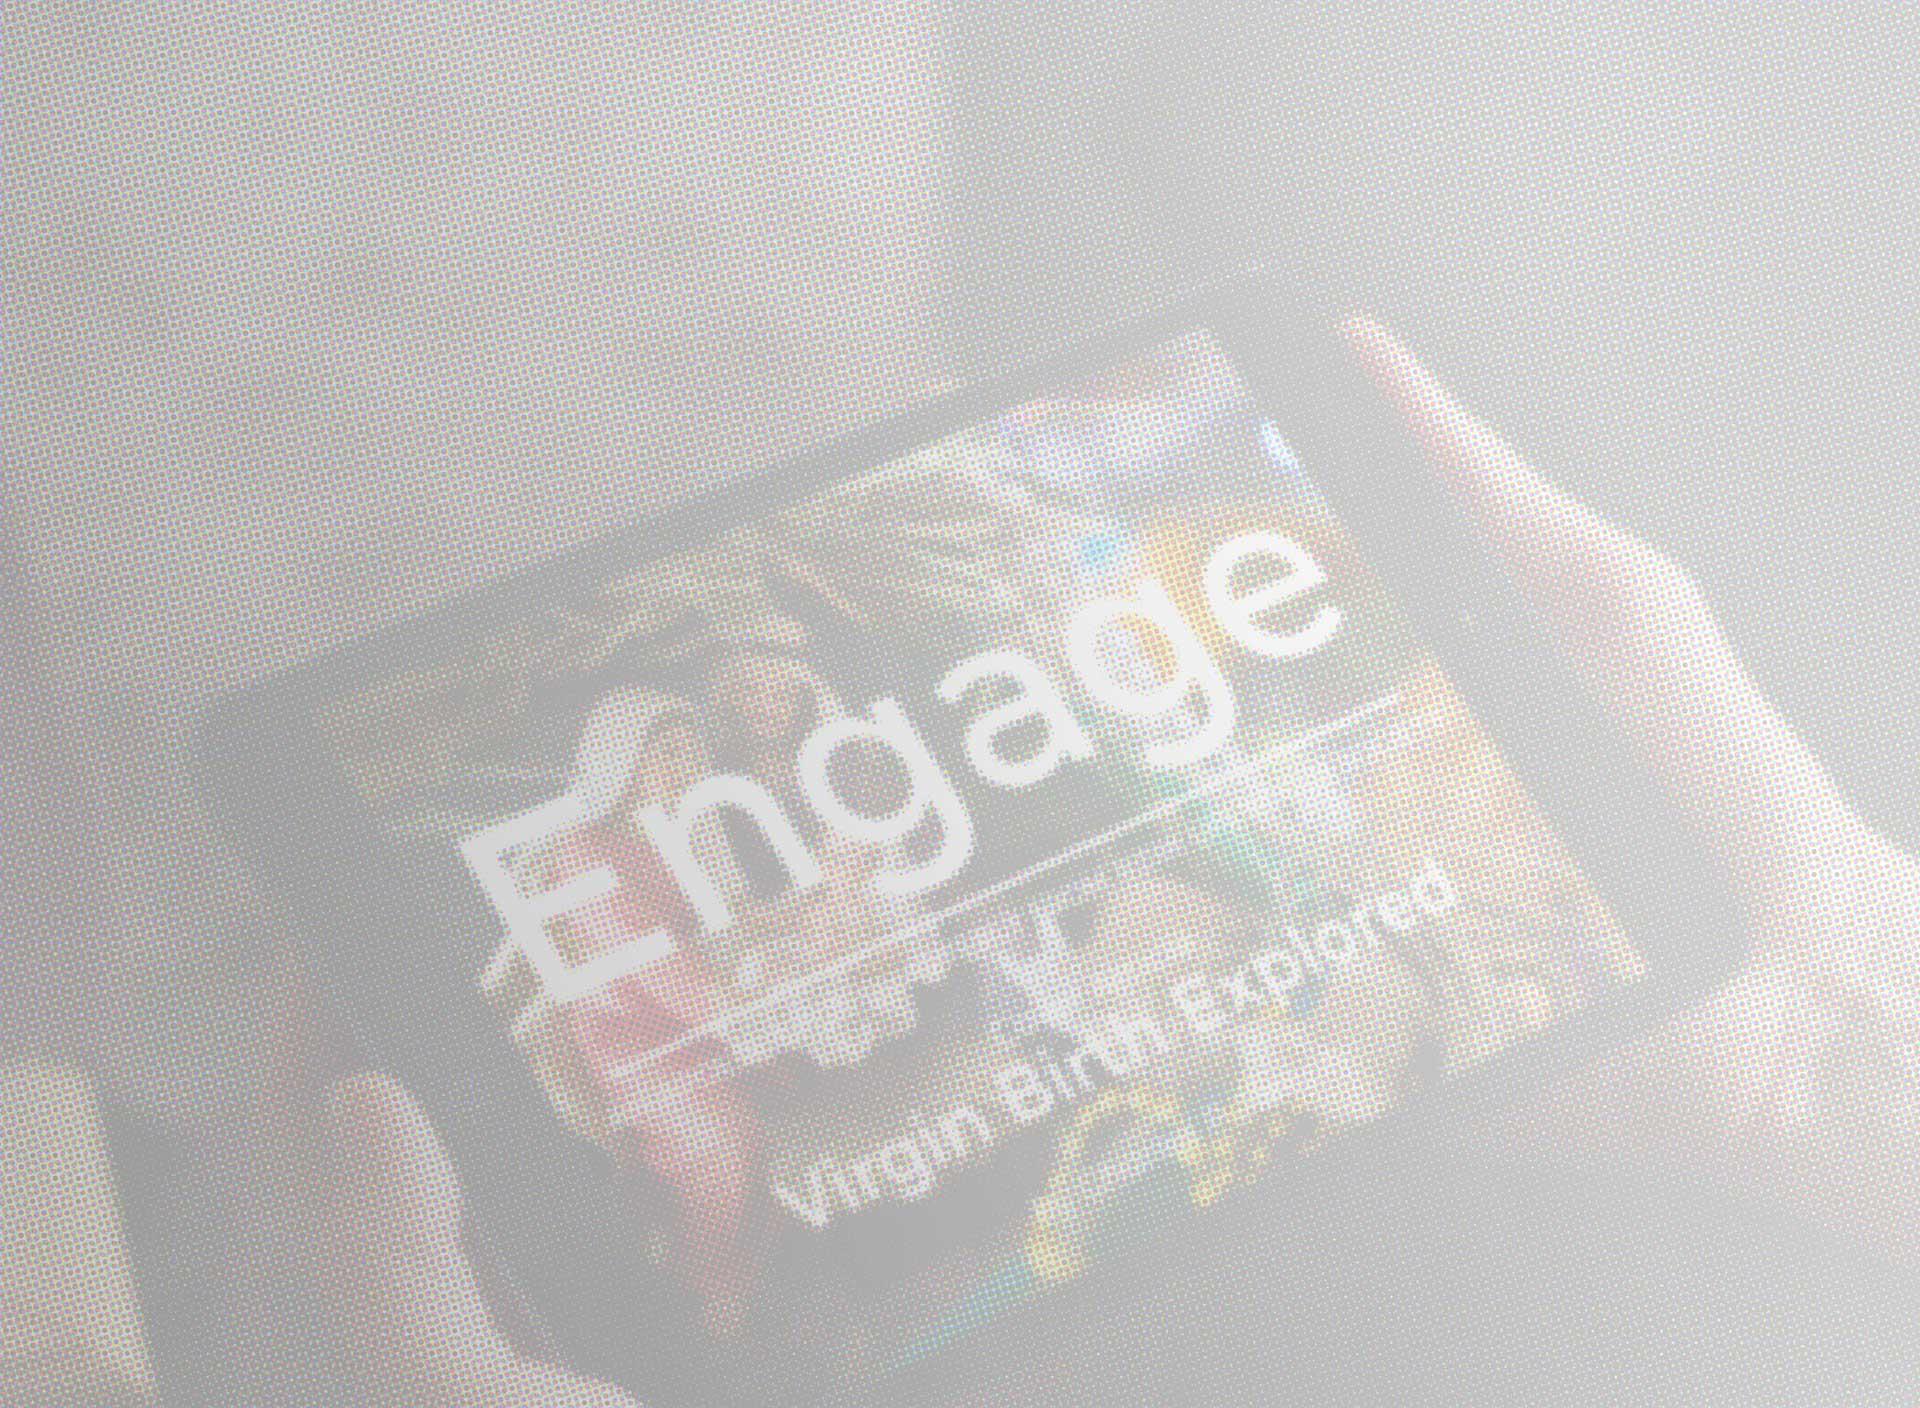 engage-bk-w